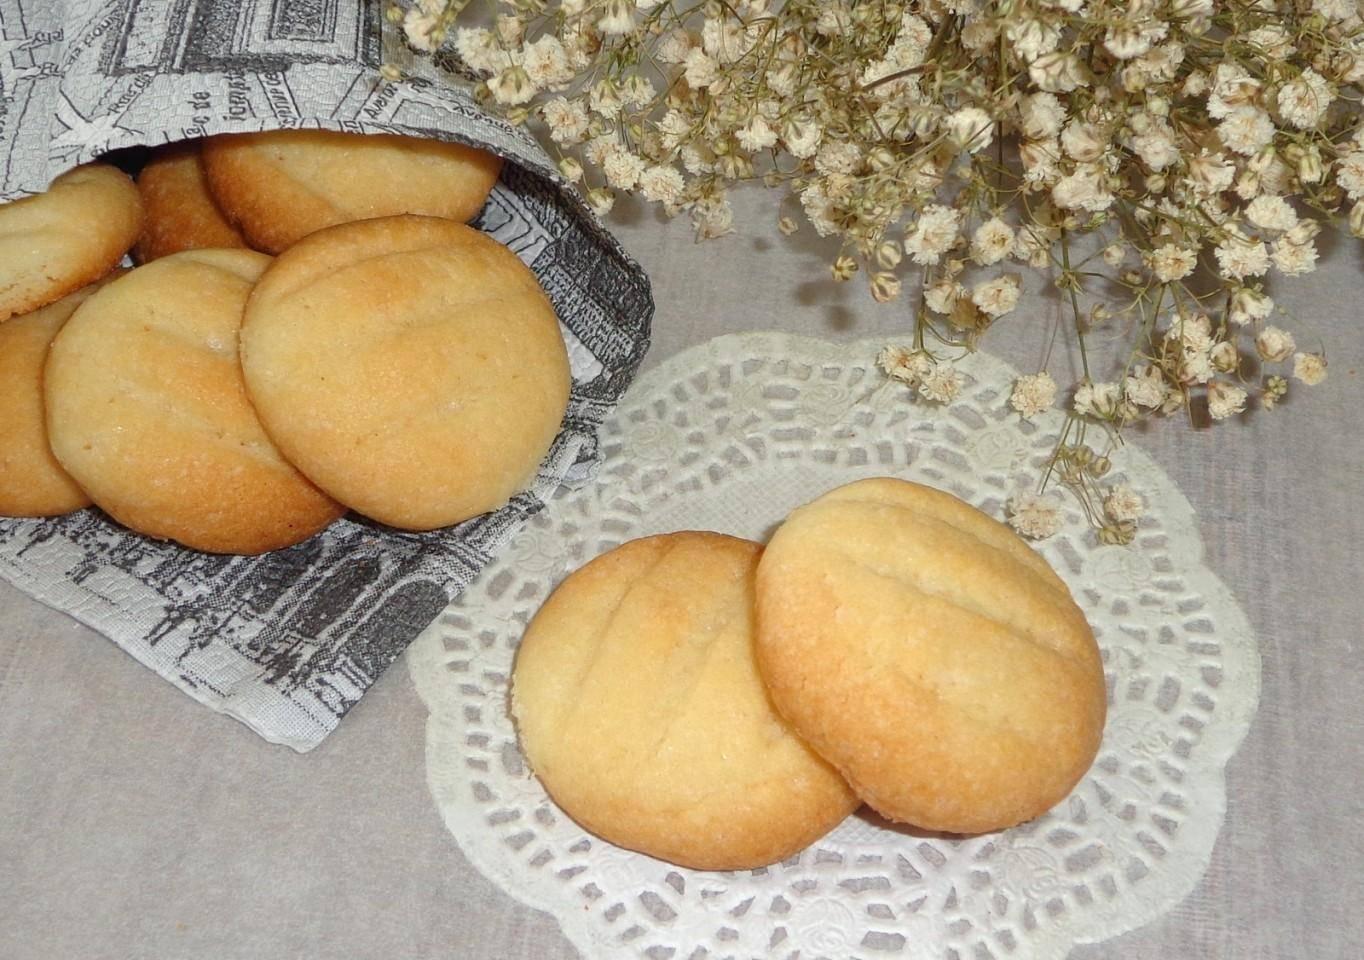 Сметанное печенье без яиц рецепт с фото, как приготовить на webspoon.ru